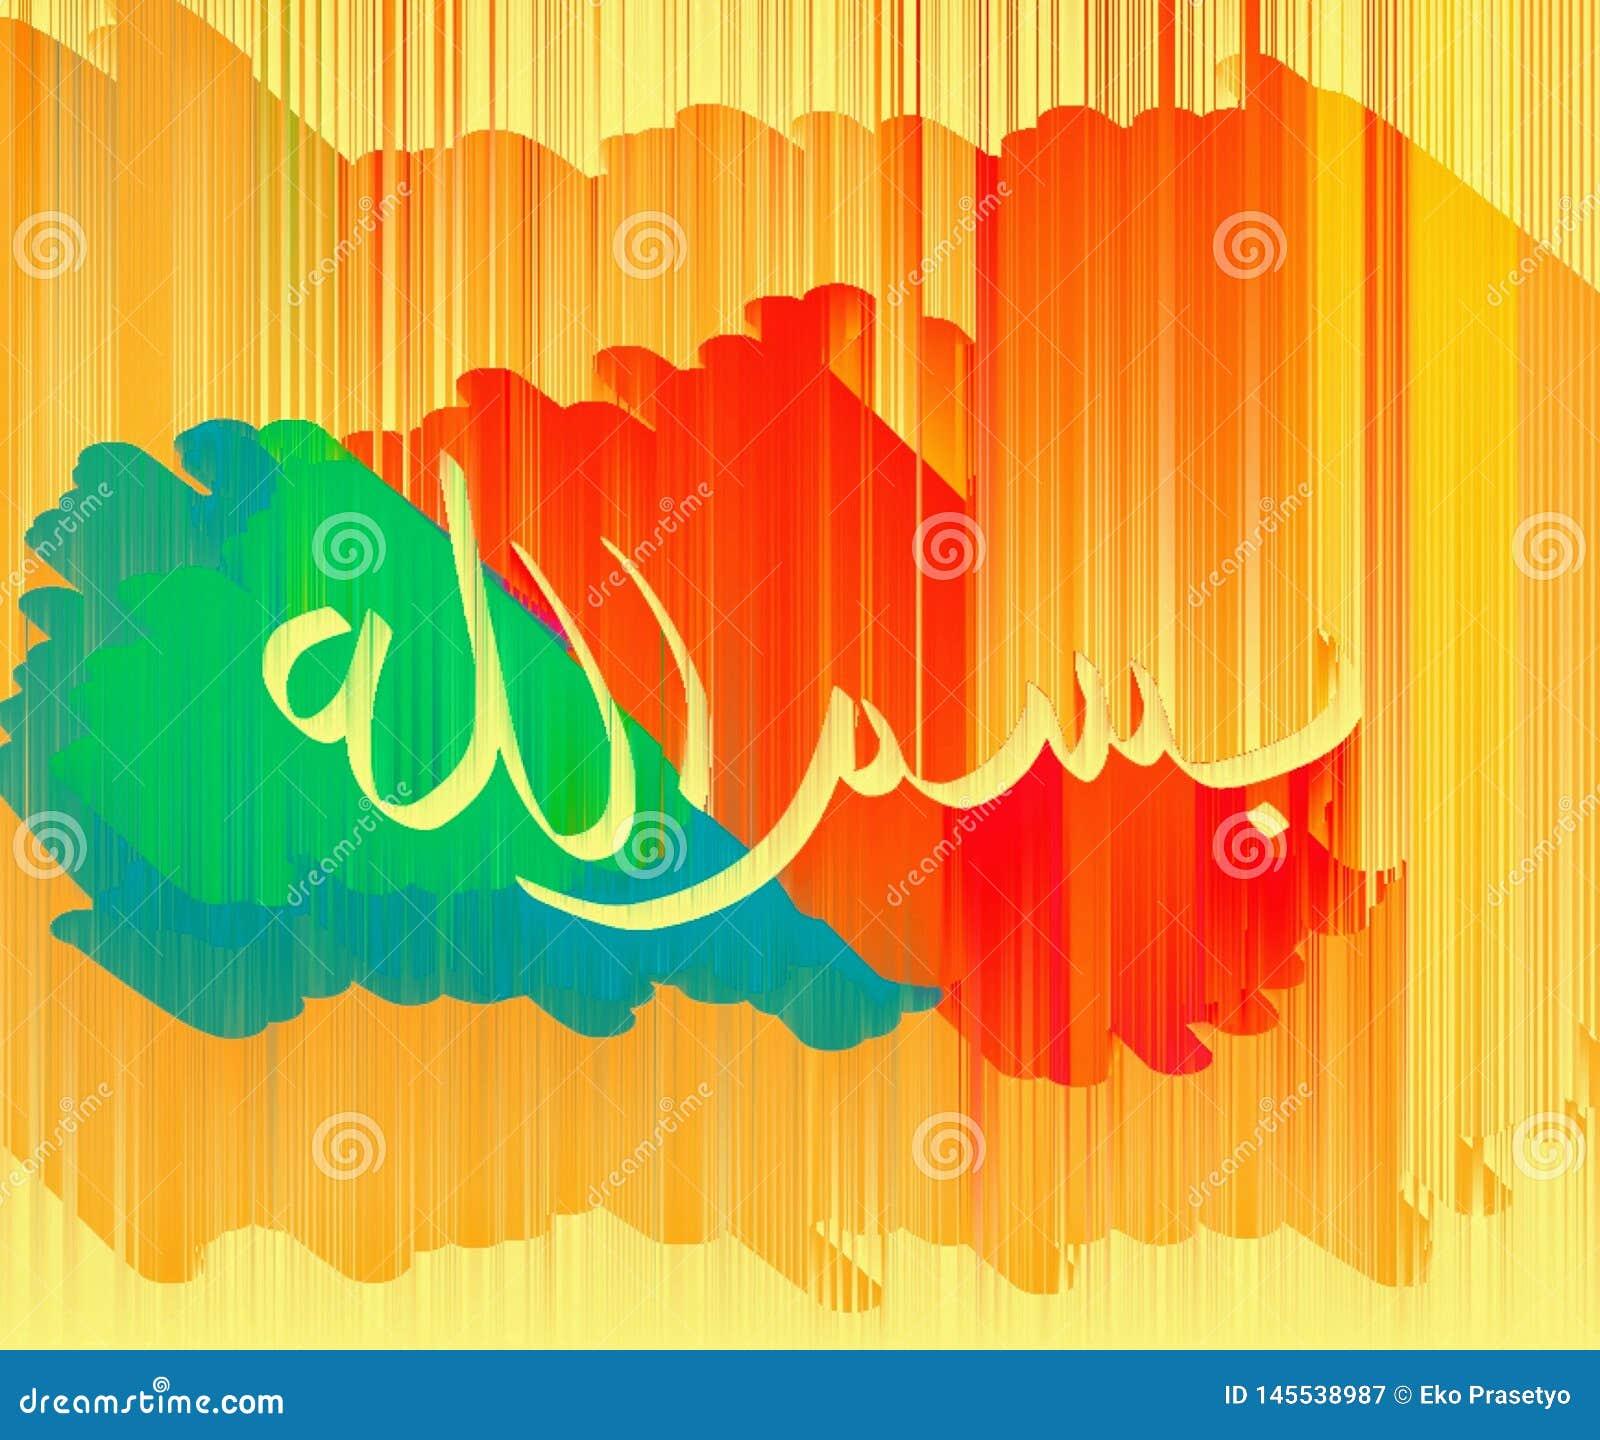 Αραβική καλλιγραφία γραψίματος που είναι πολύ δημοφιλής με μουσουλμάνους